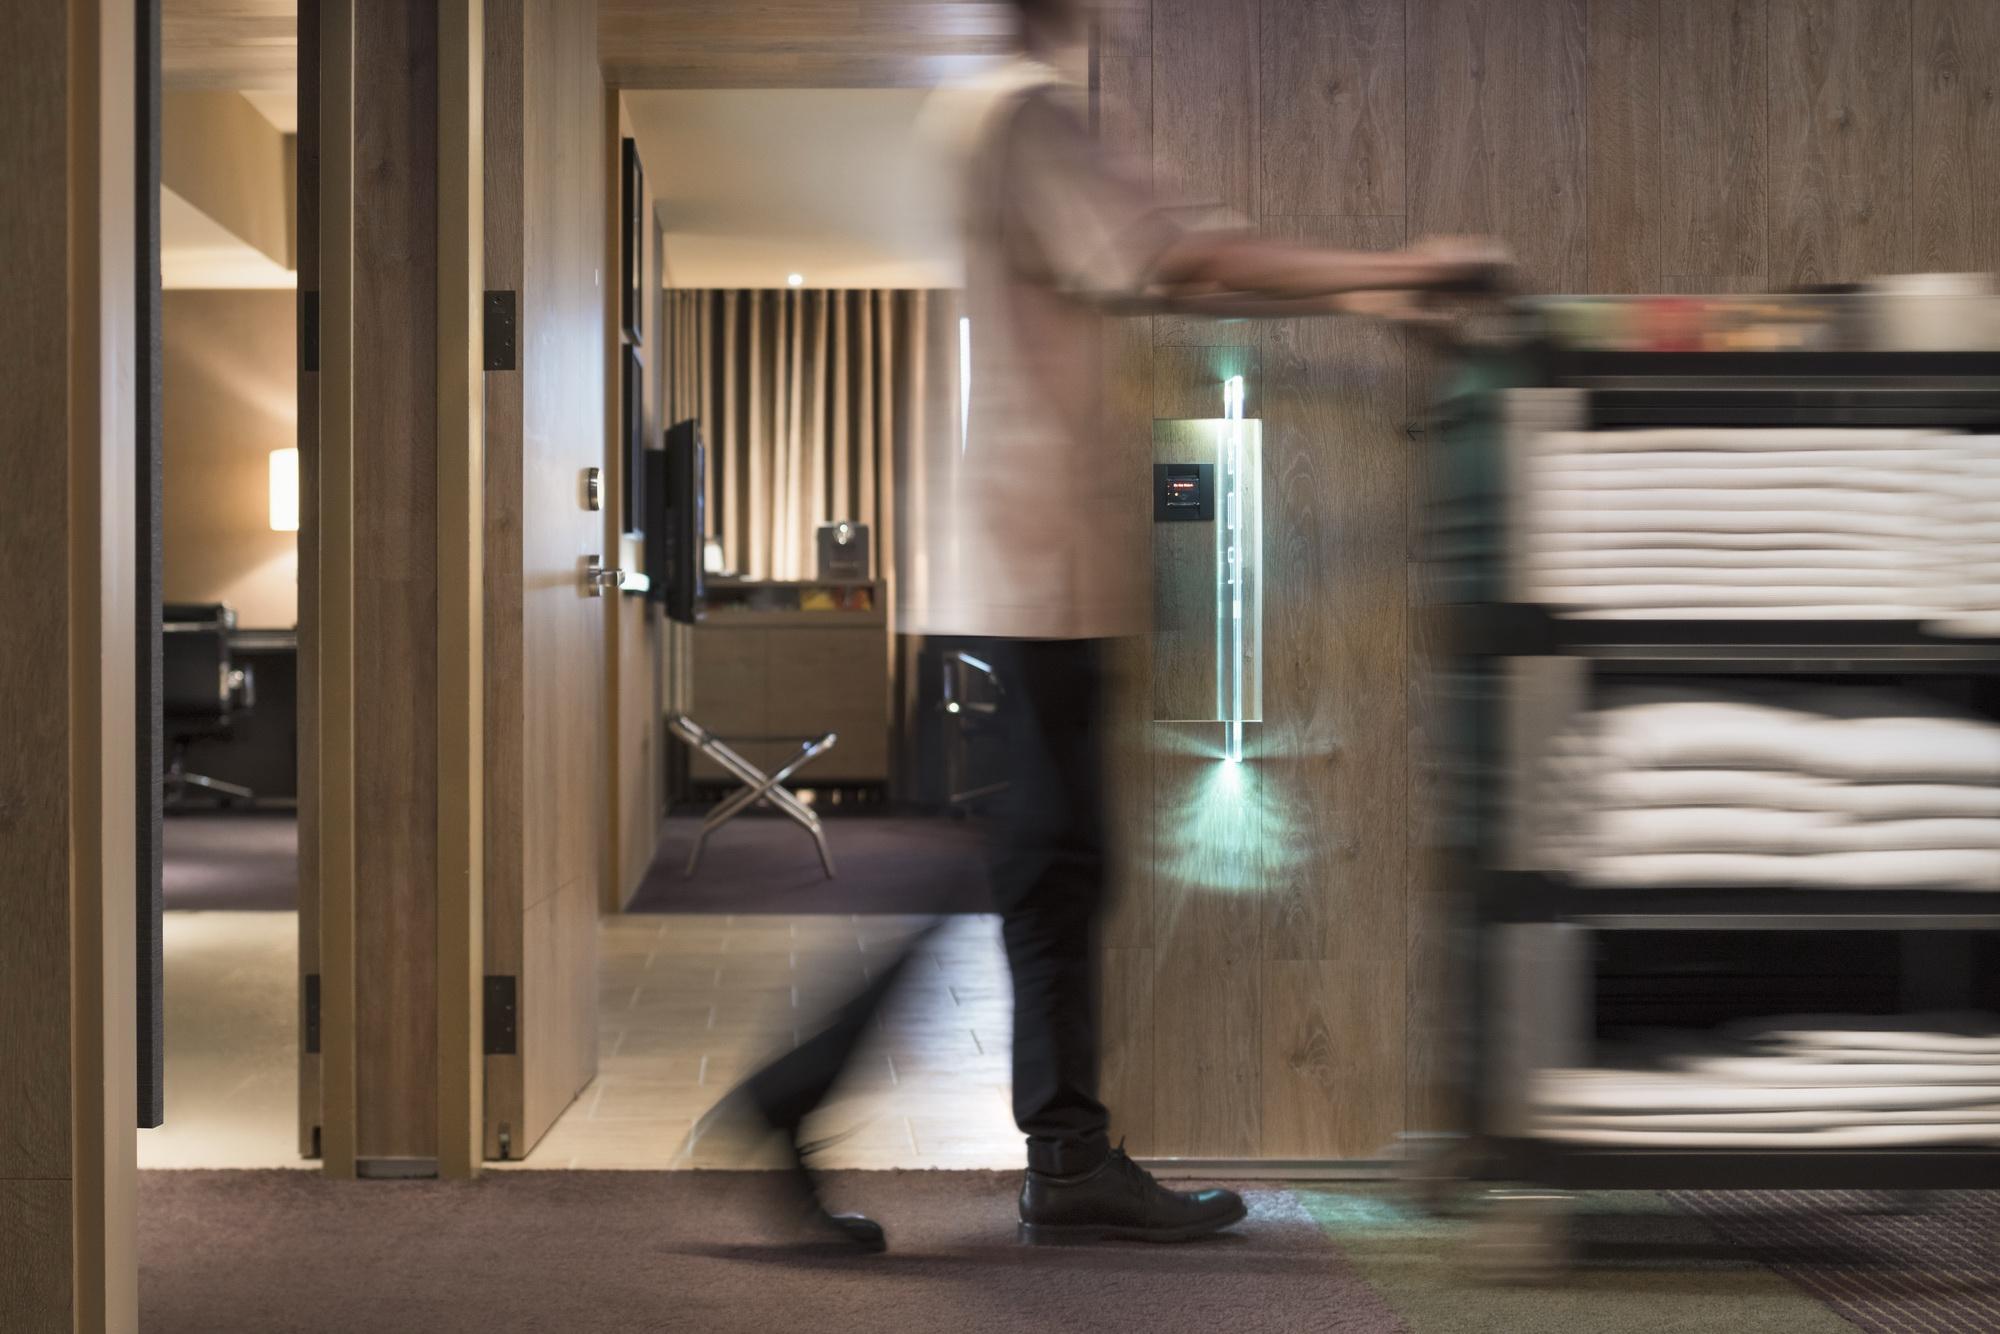 https://highliteimages.com/wp-content/uploads/2019/01/2016-01-26-HOTEL-QUOTE-HighliteImages-_DSC0073-fix-1-T.jpg